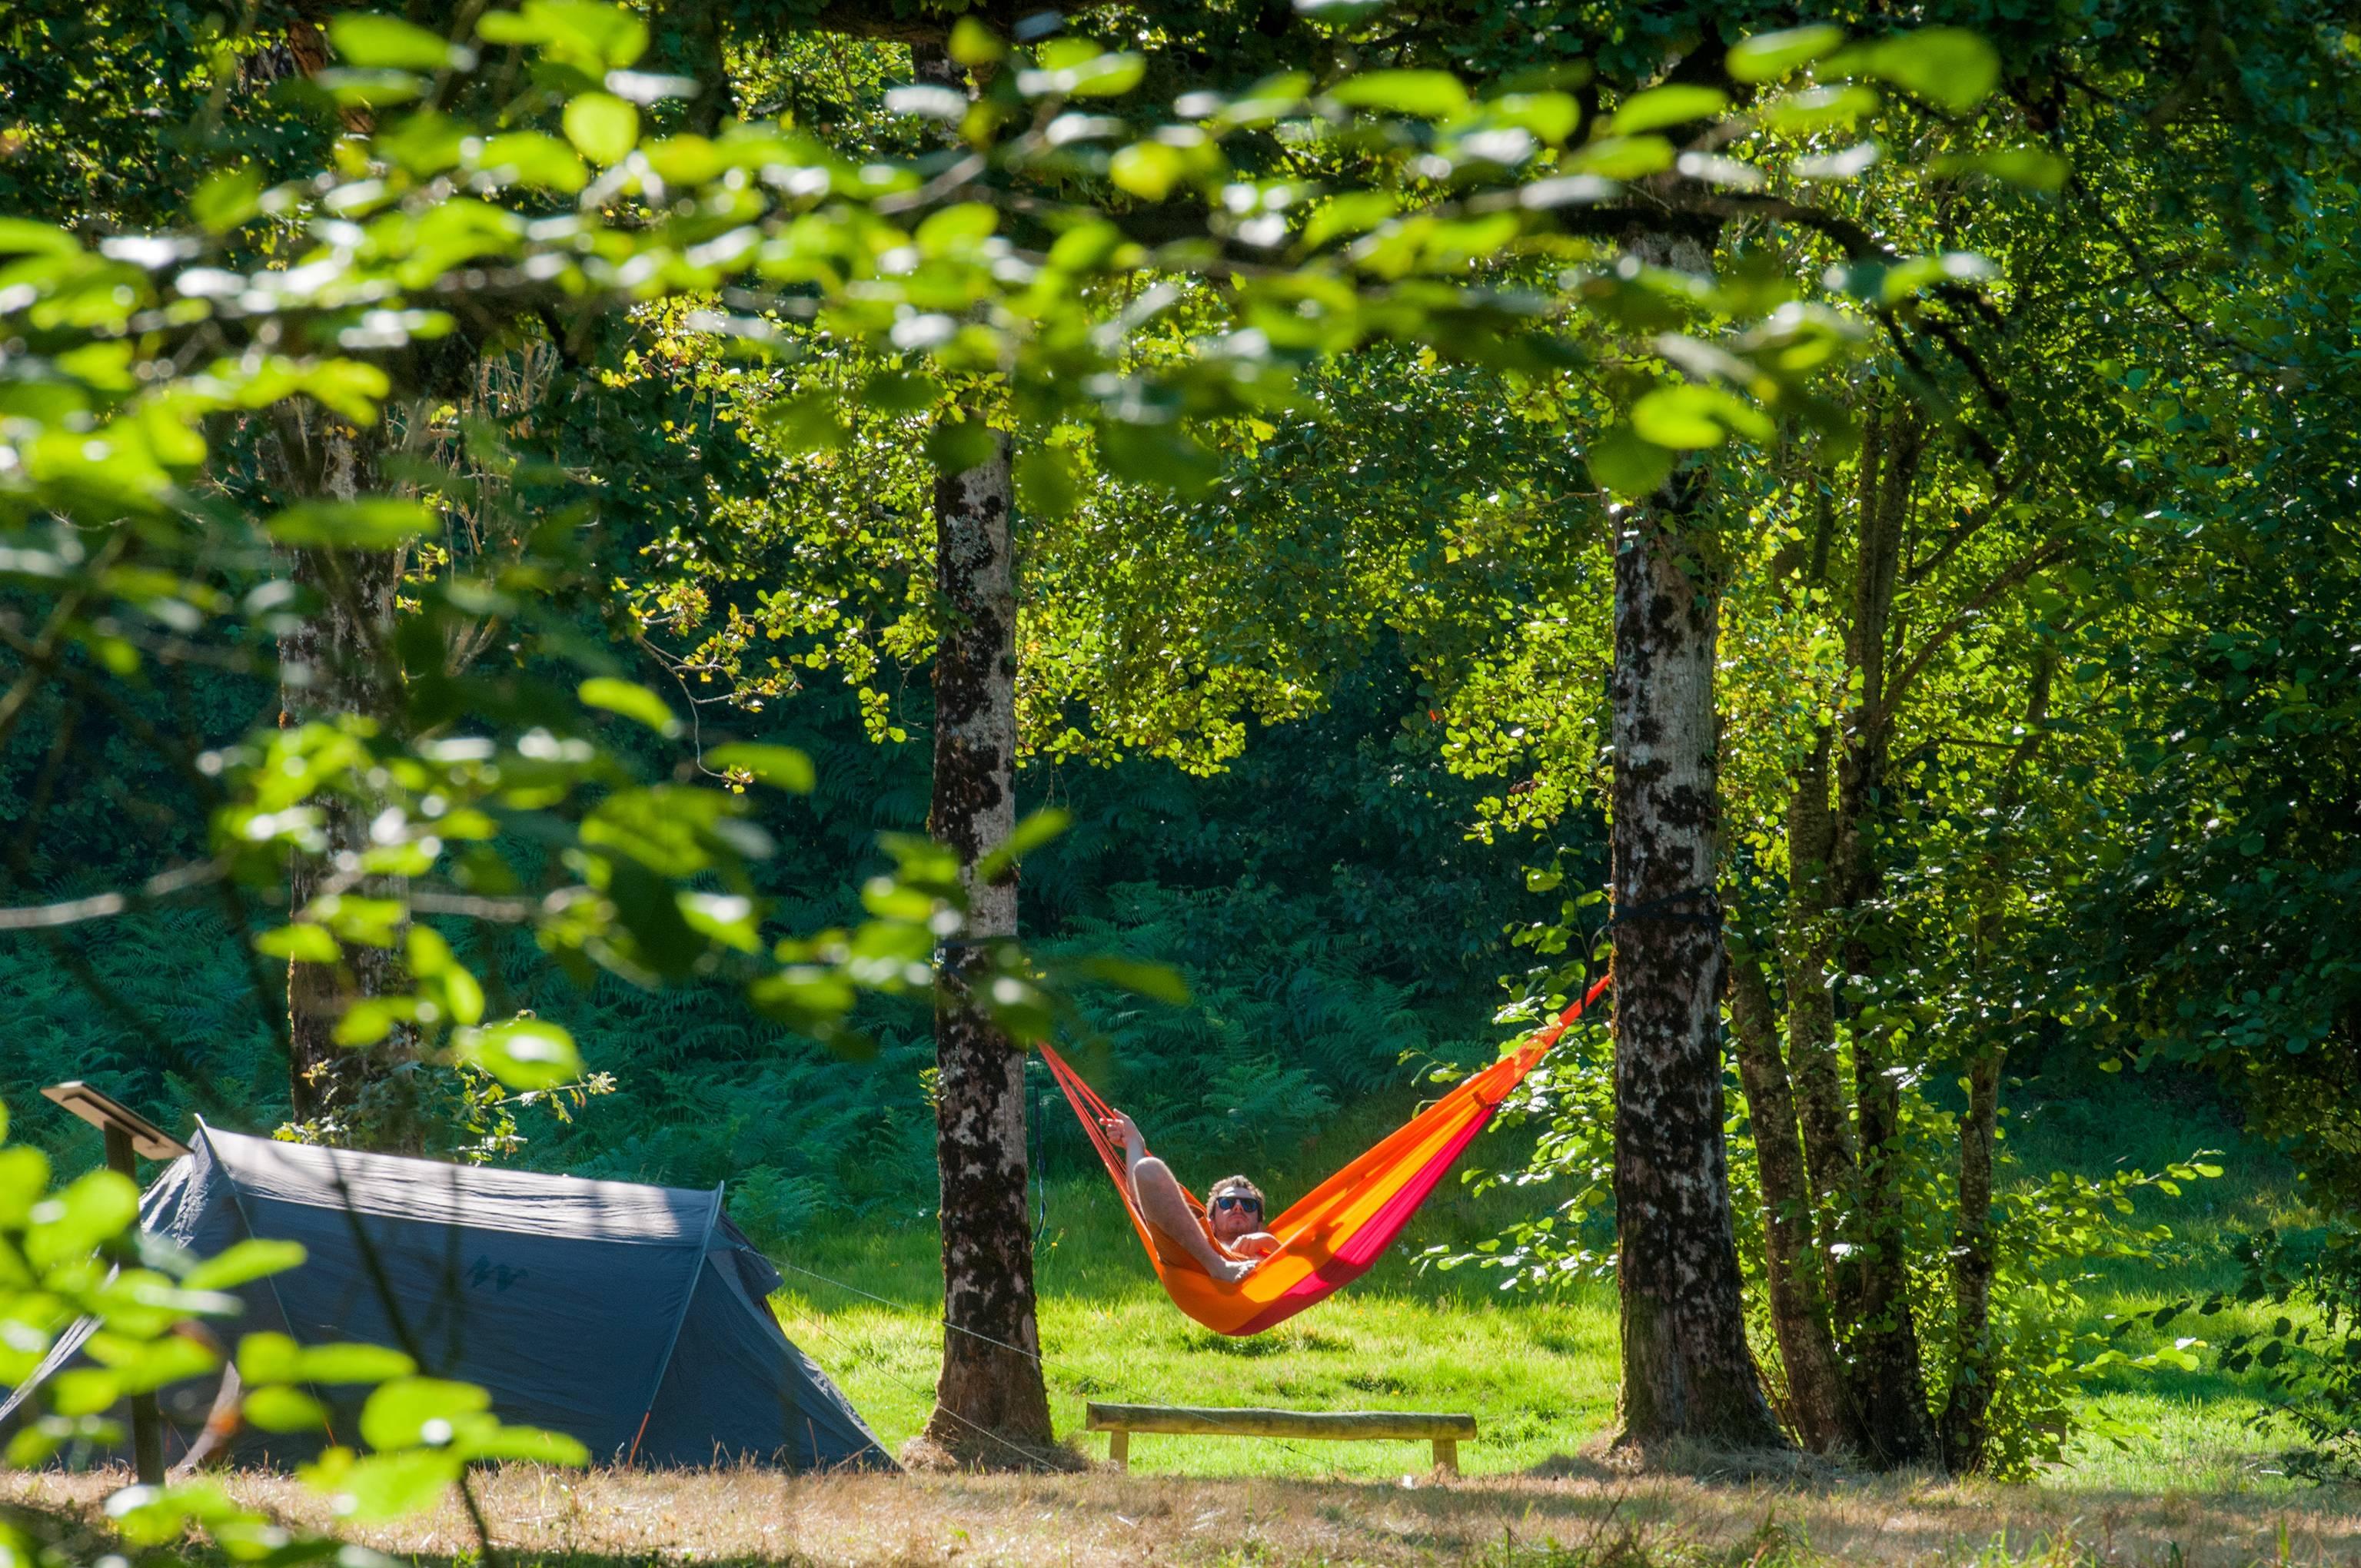 Camping Eco Responsble la Fougeraie, Saint-Leger-de-Fougeret, Nièvre